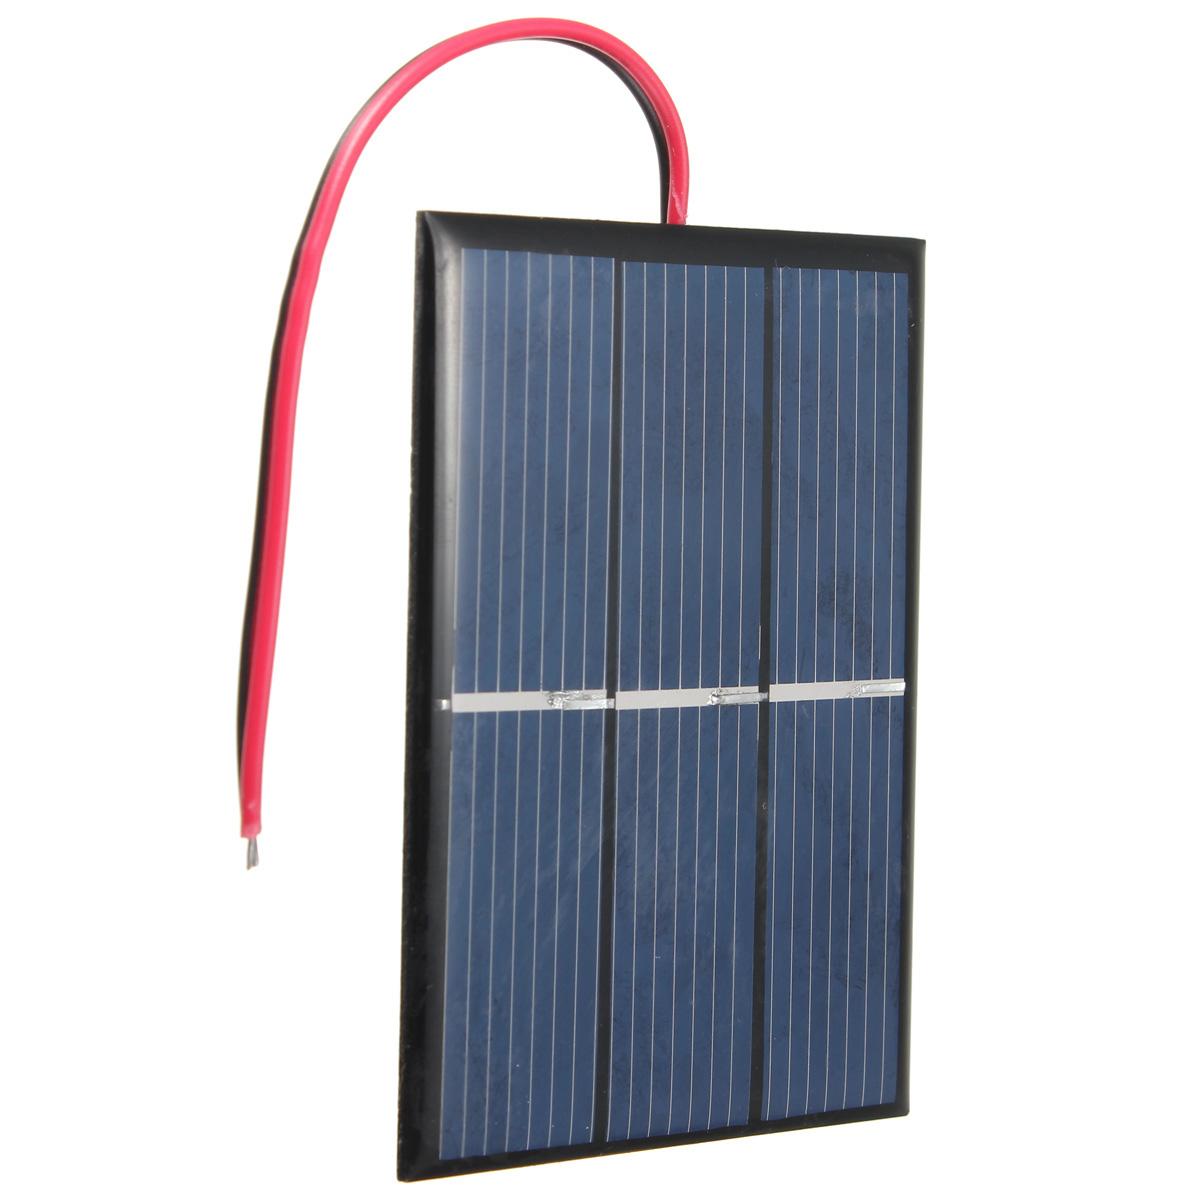 Pannello Solare Per Batteria 100 Ah : V ma w solare pannello fotovoltaico per auto